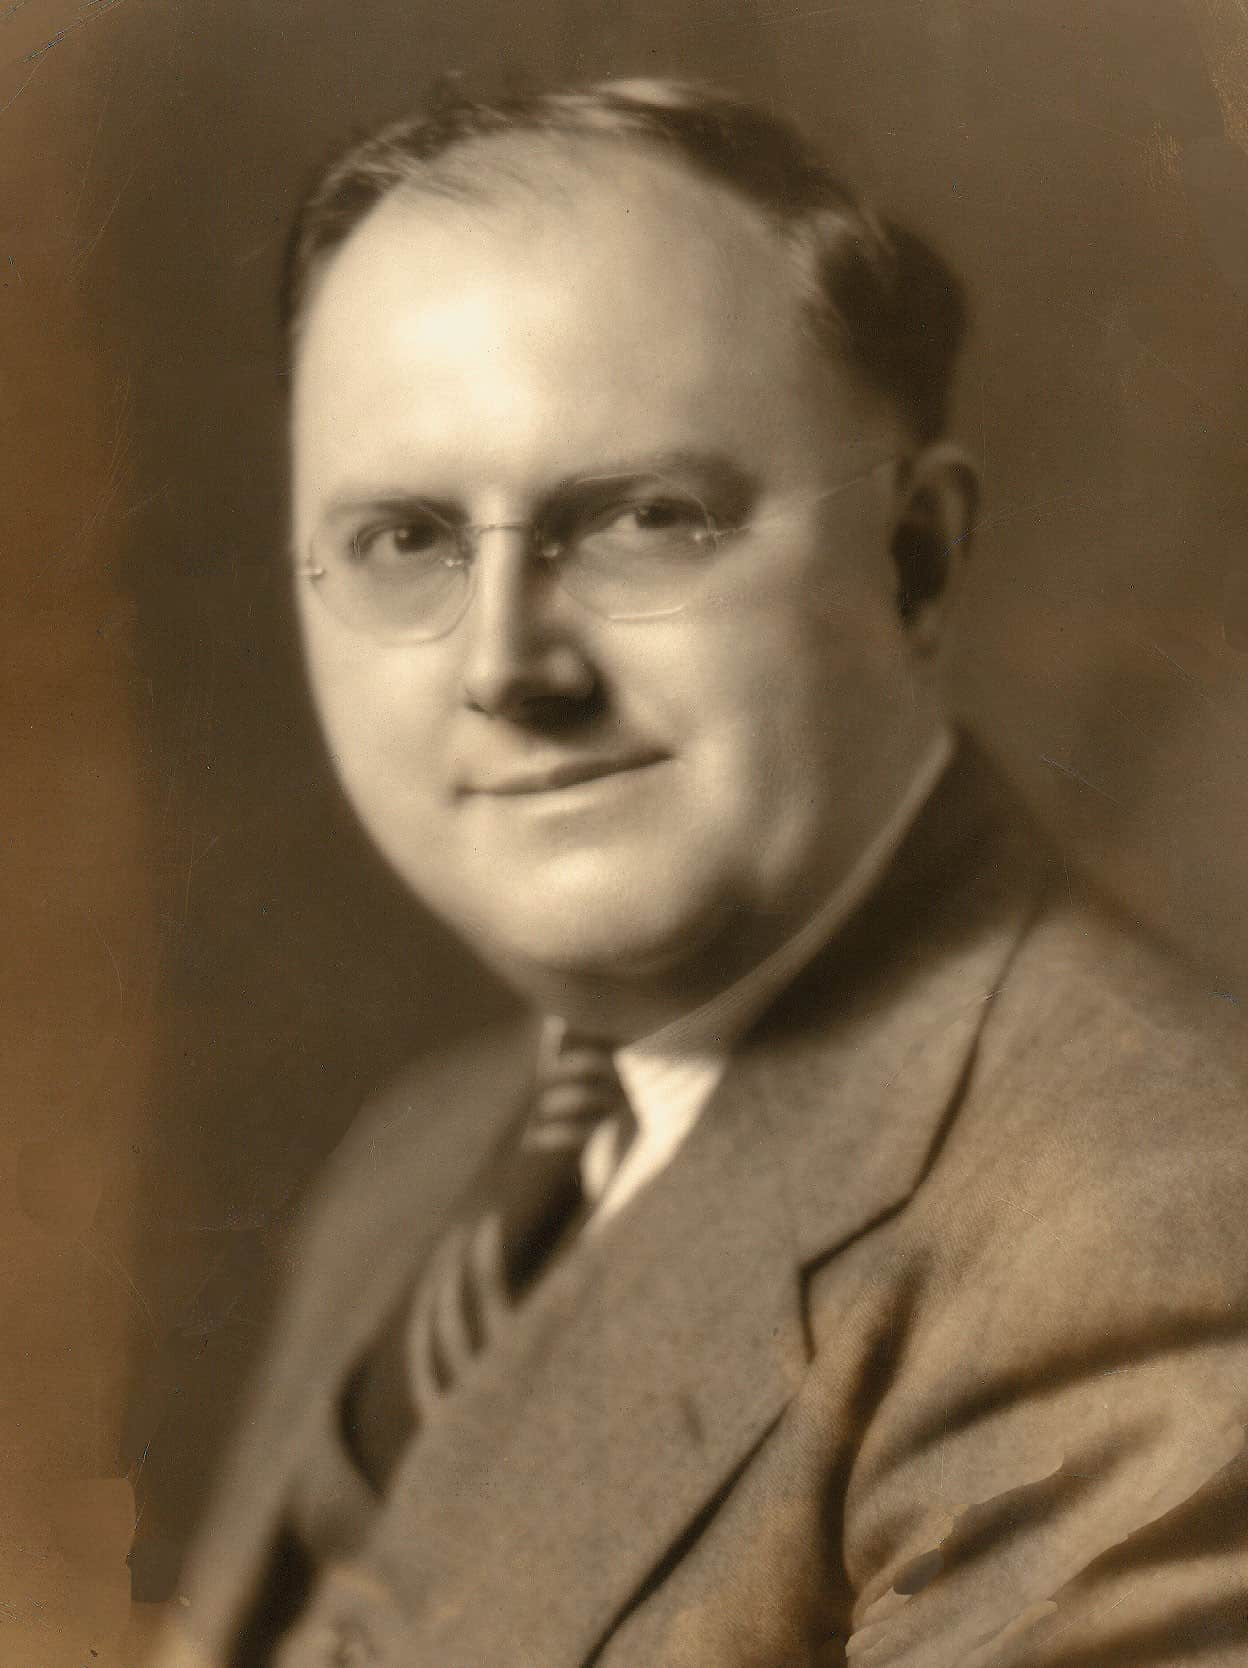 Harold Friedell